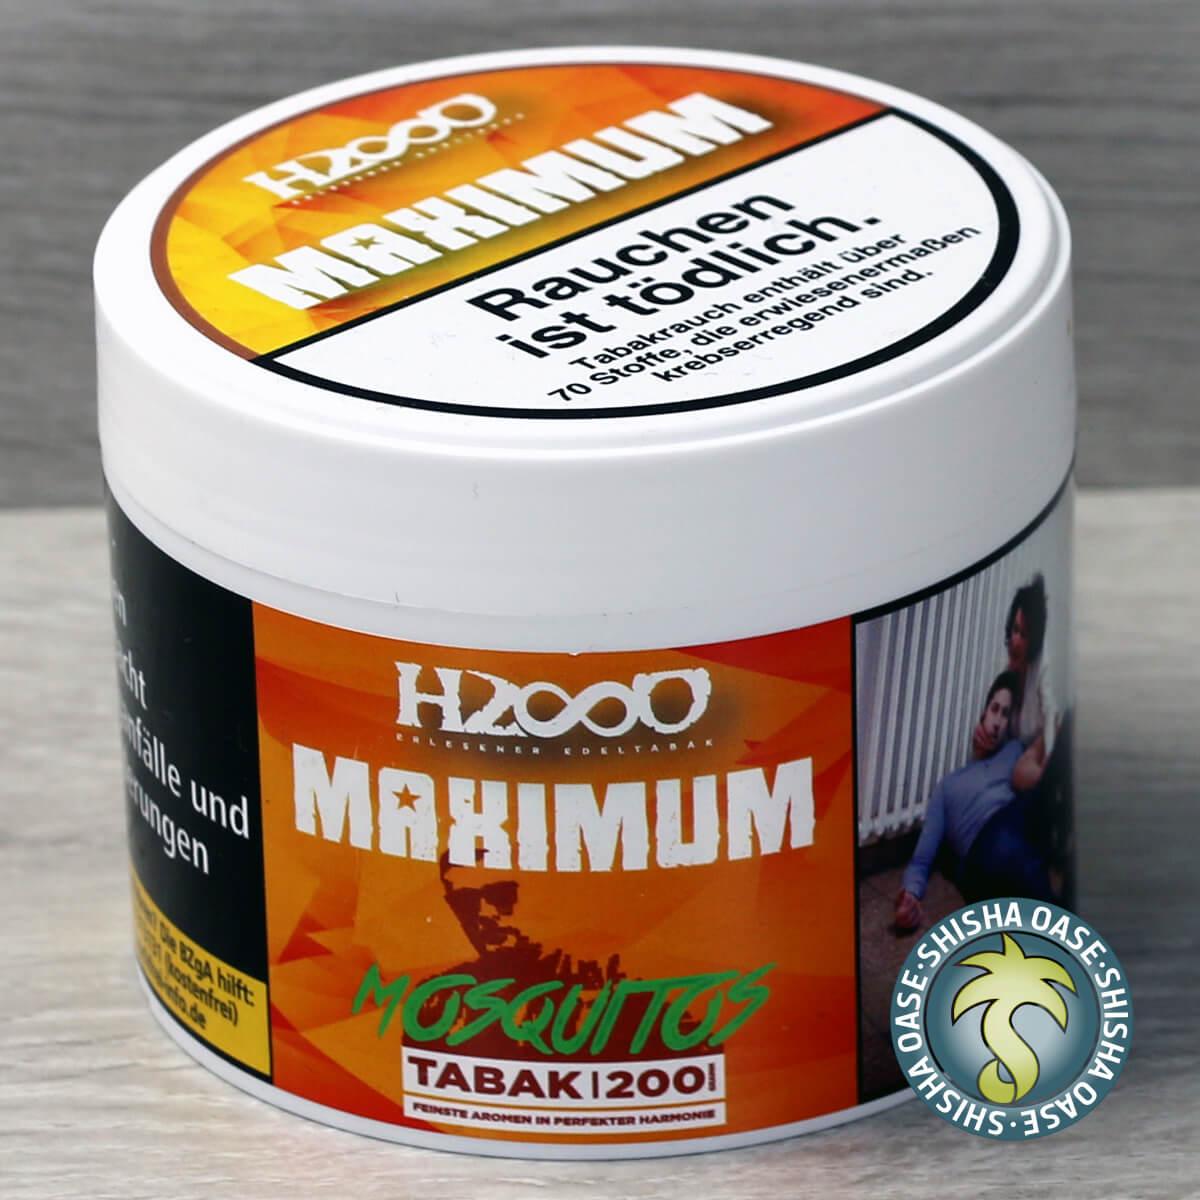 Hasso Tobacco Maximum Line 200g - Mosquitos